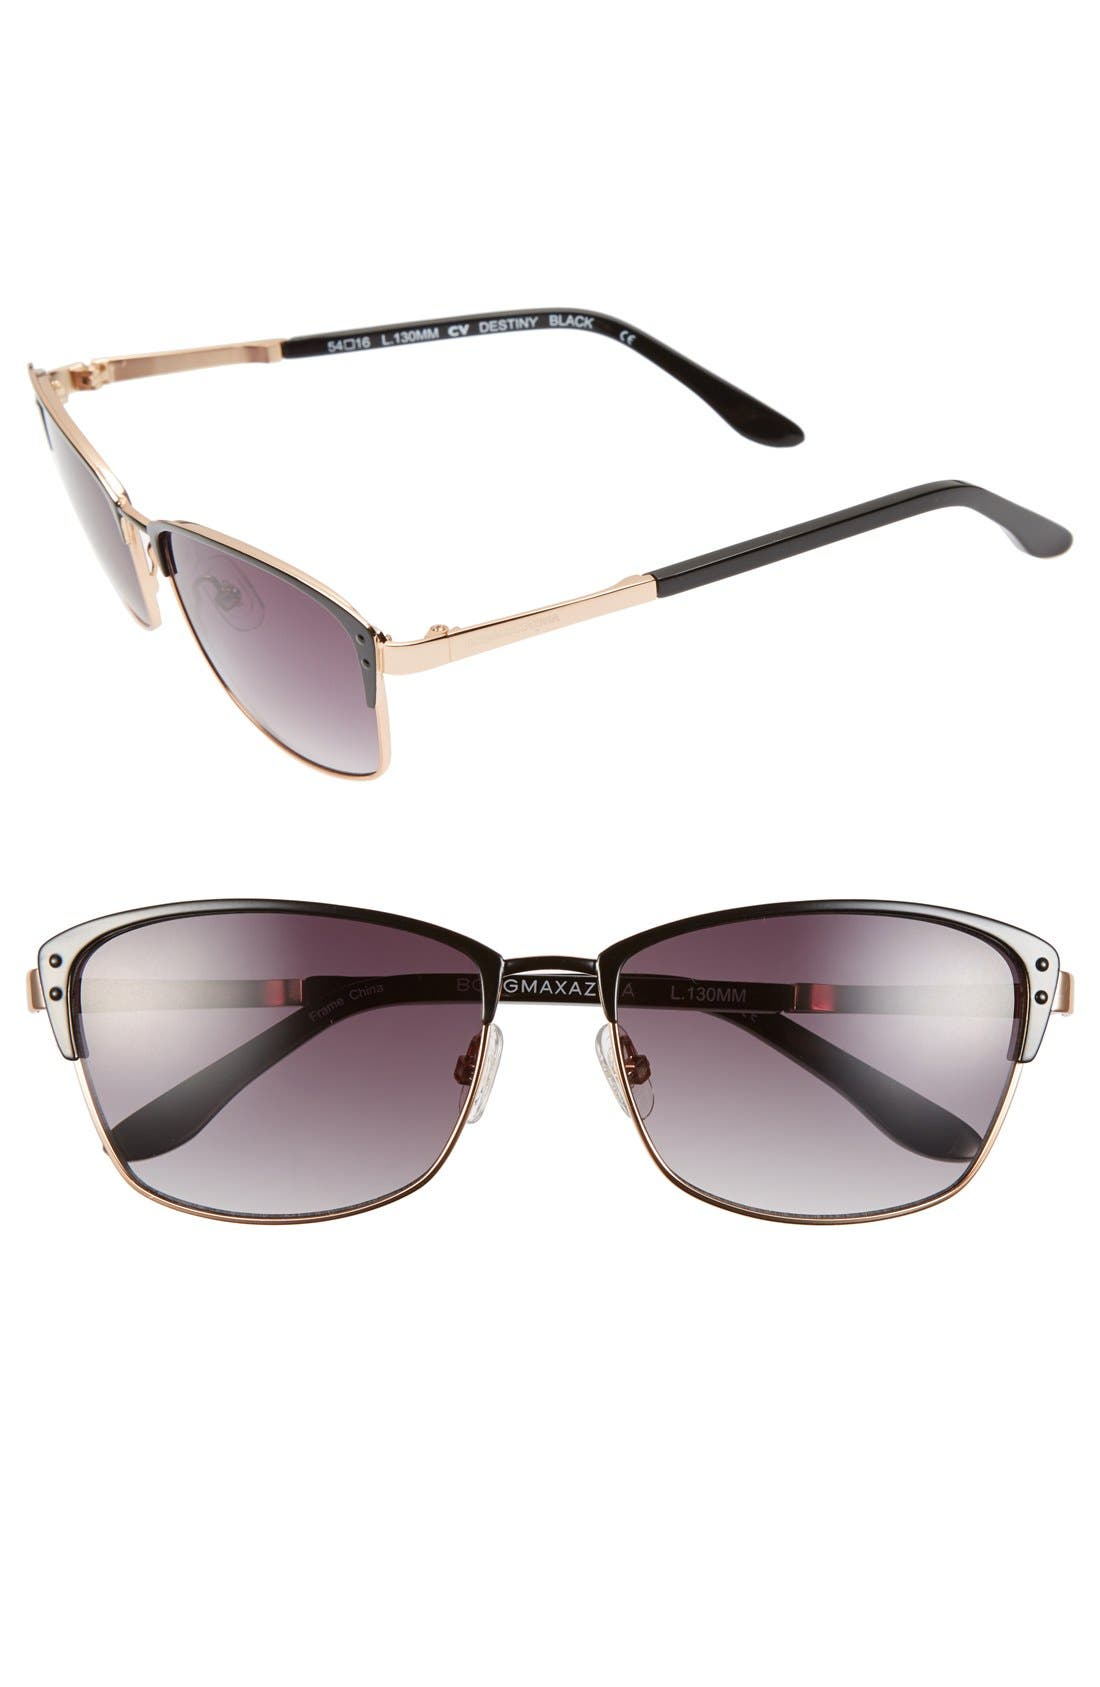 Main Image - BCBGMAXAZRIA 'Destiny' 54mm Sunglasses